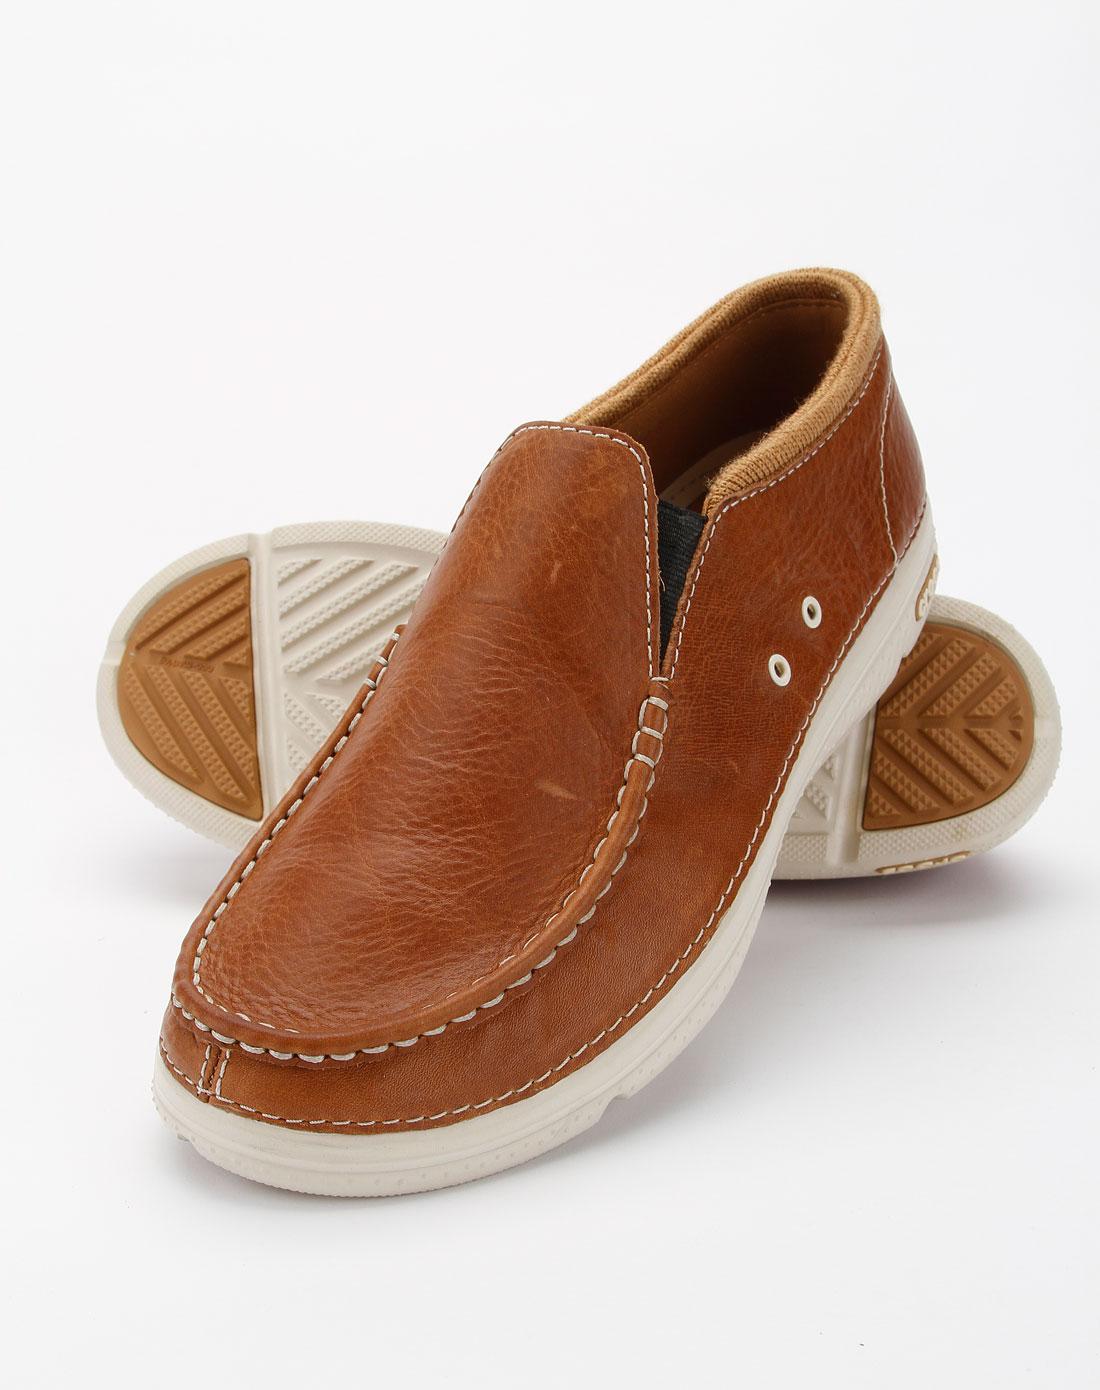 汤普森休闲鞋11489-26h